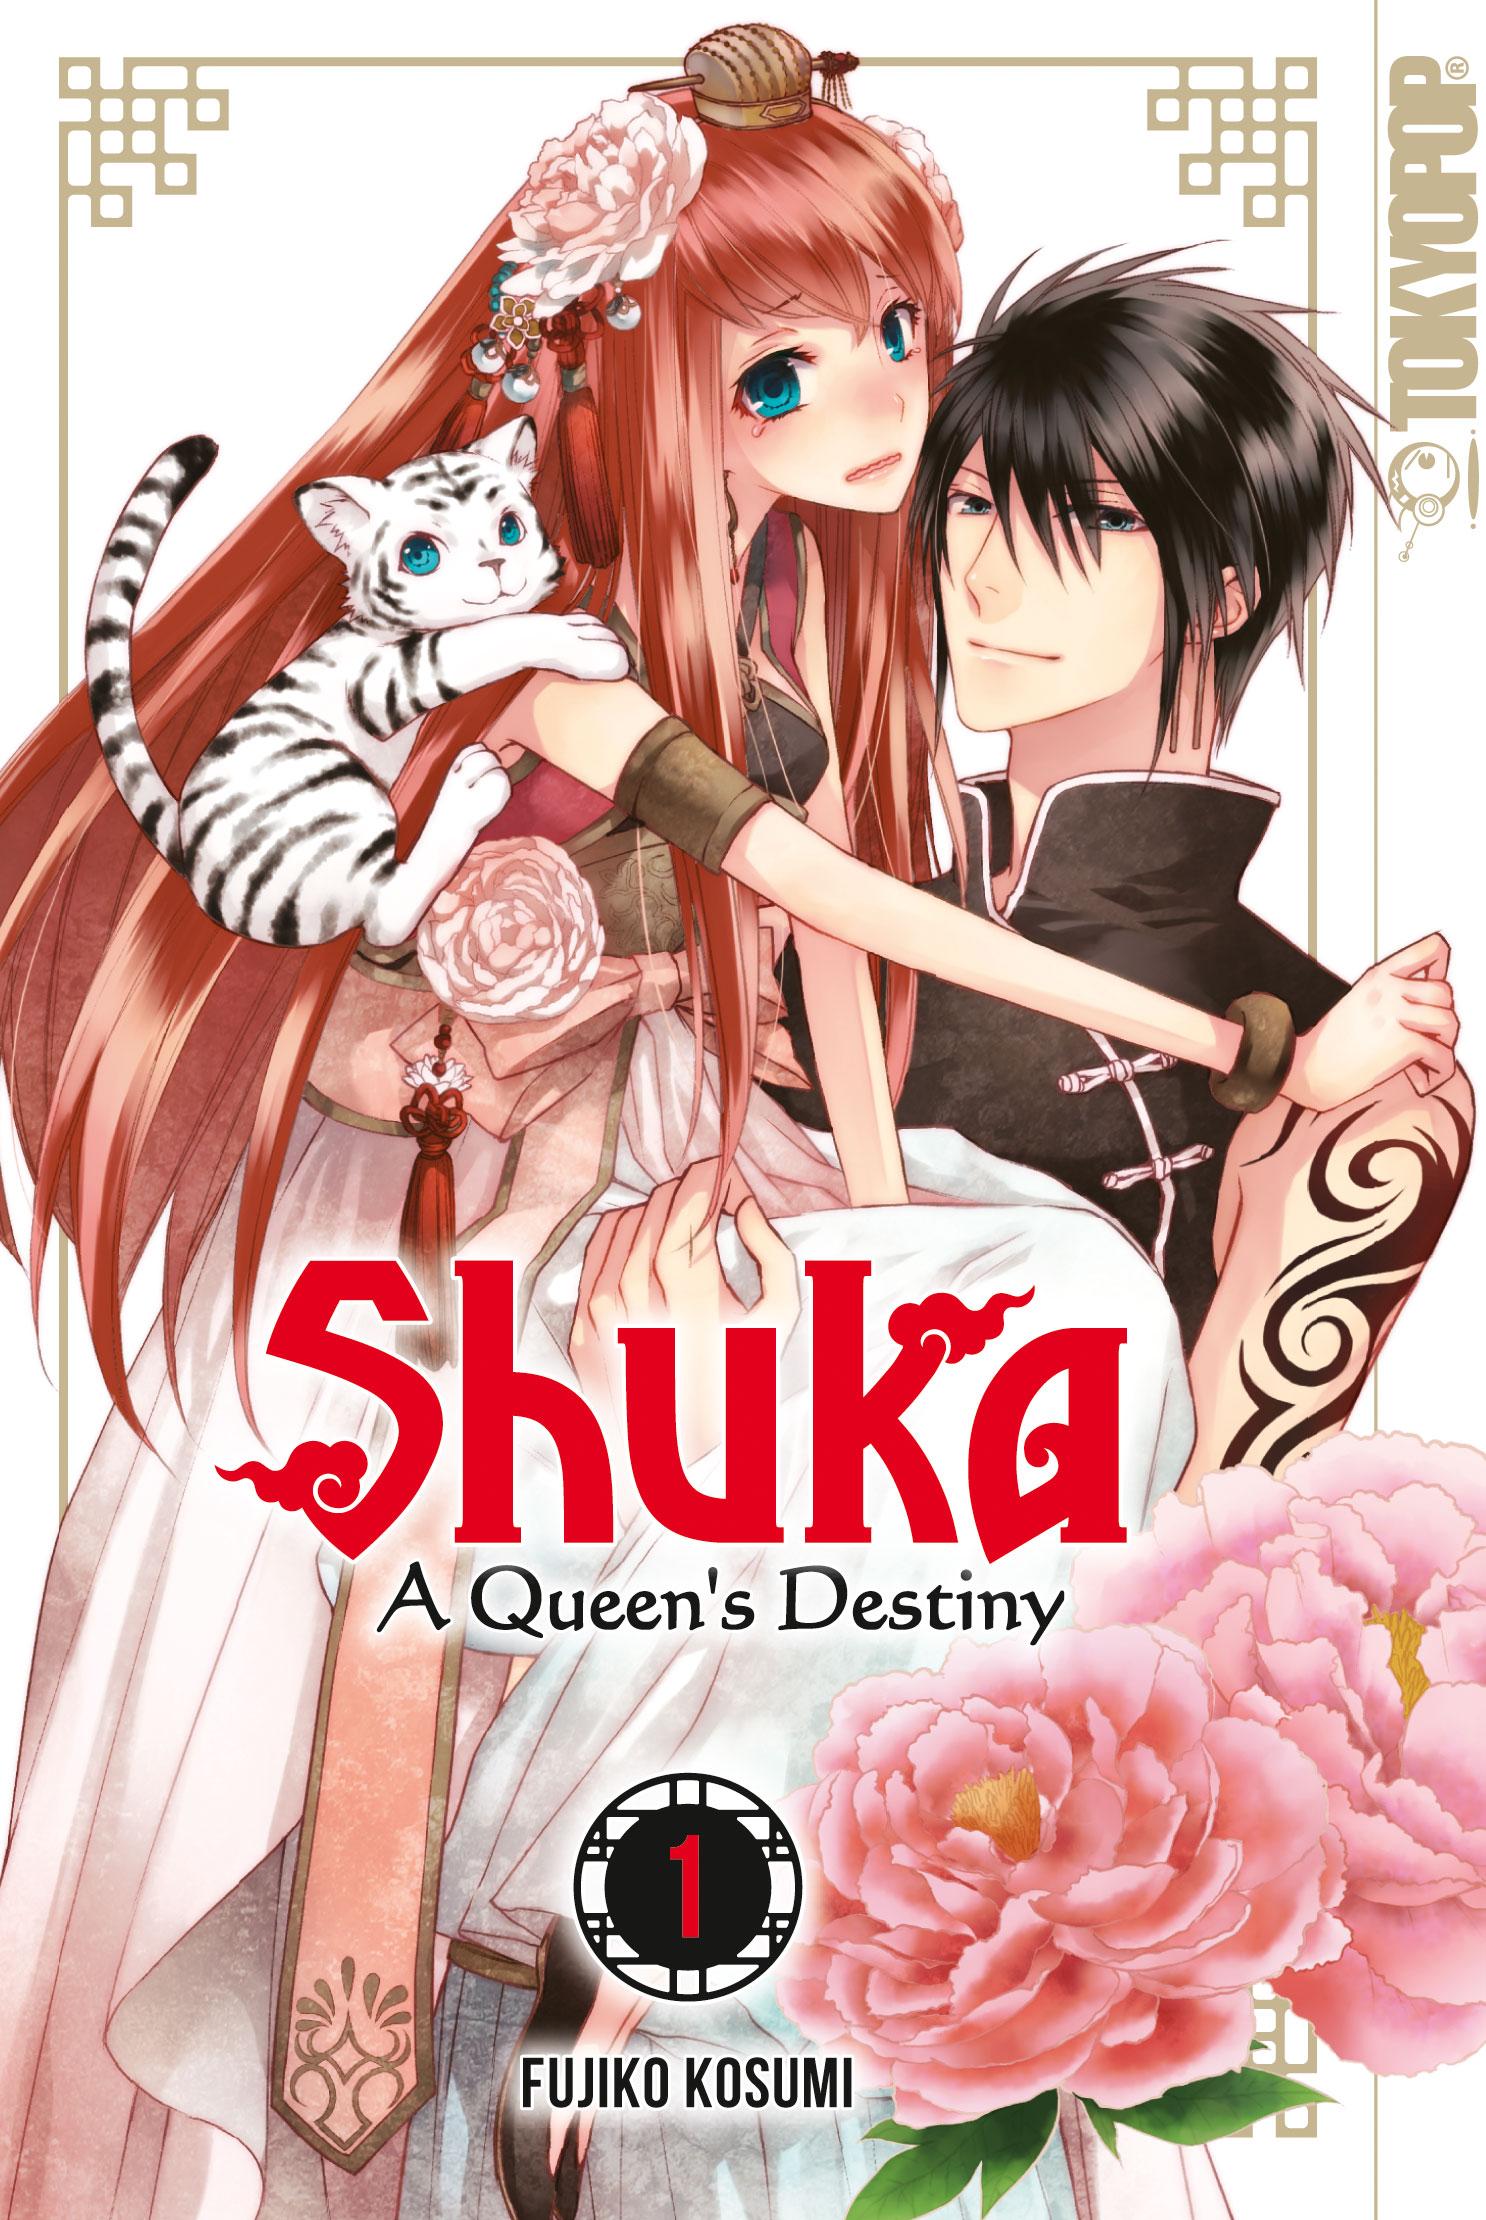 shuka-a-queens-destiny-cover-01Skcp1VCJRXN1p